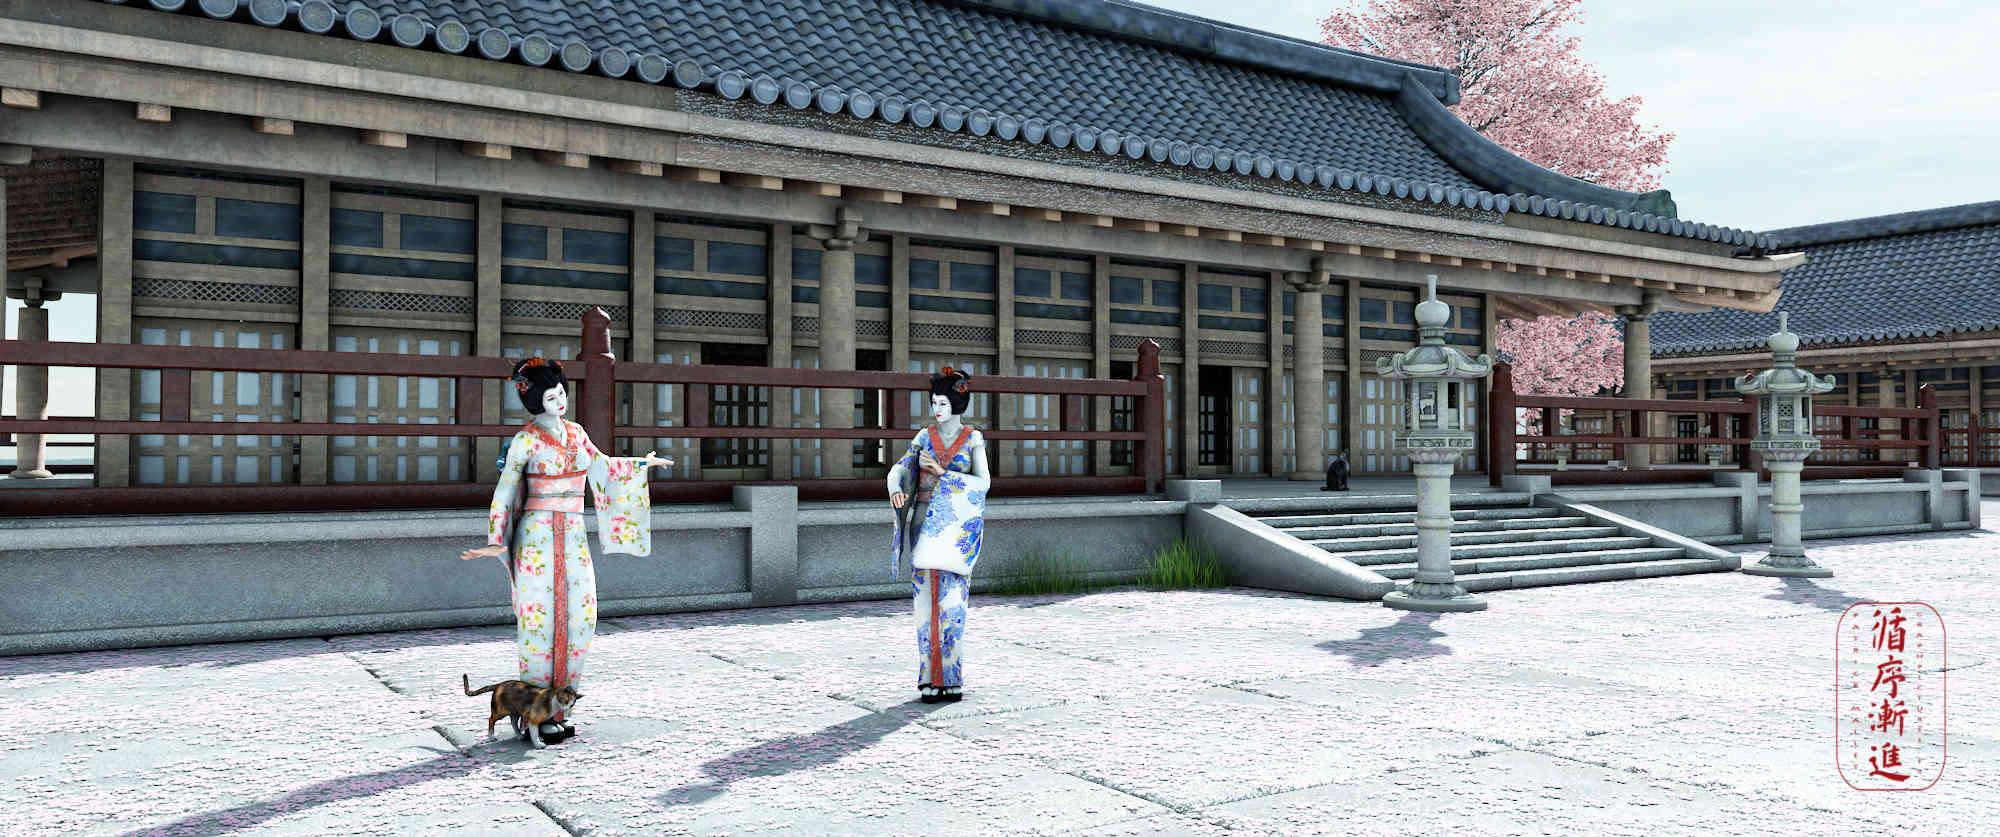 ma vision du  japon - Page 4 Maison10